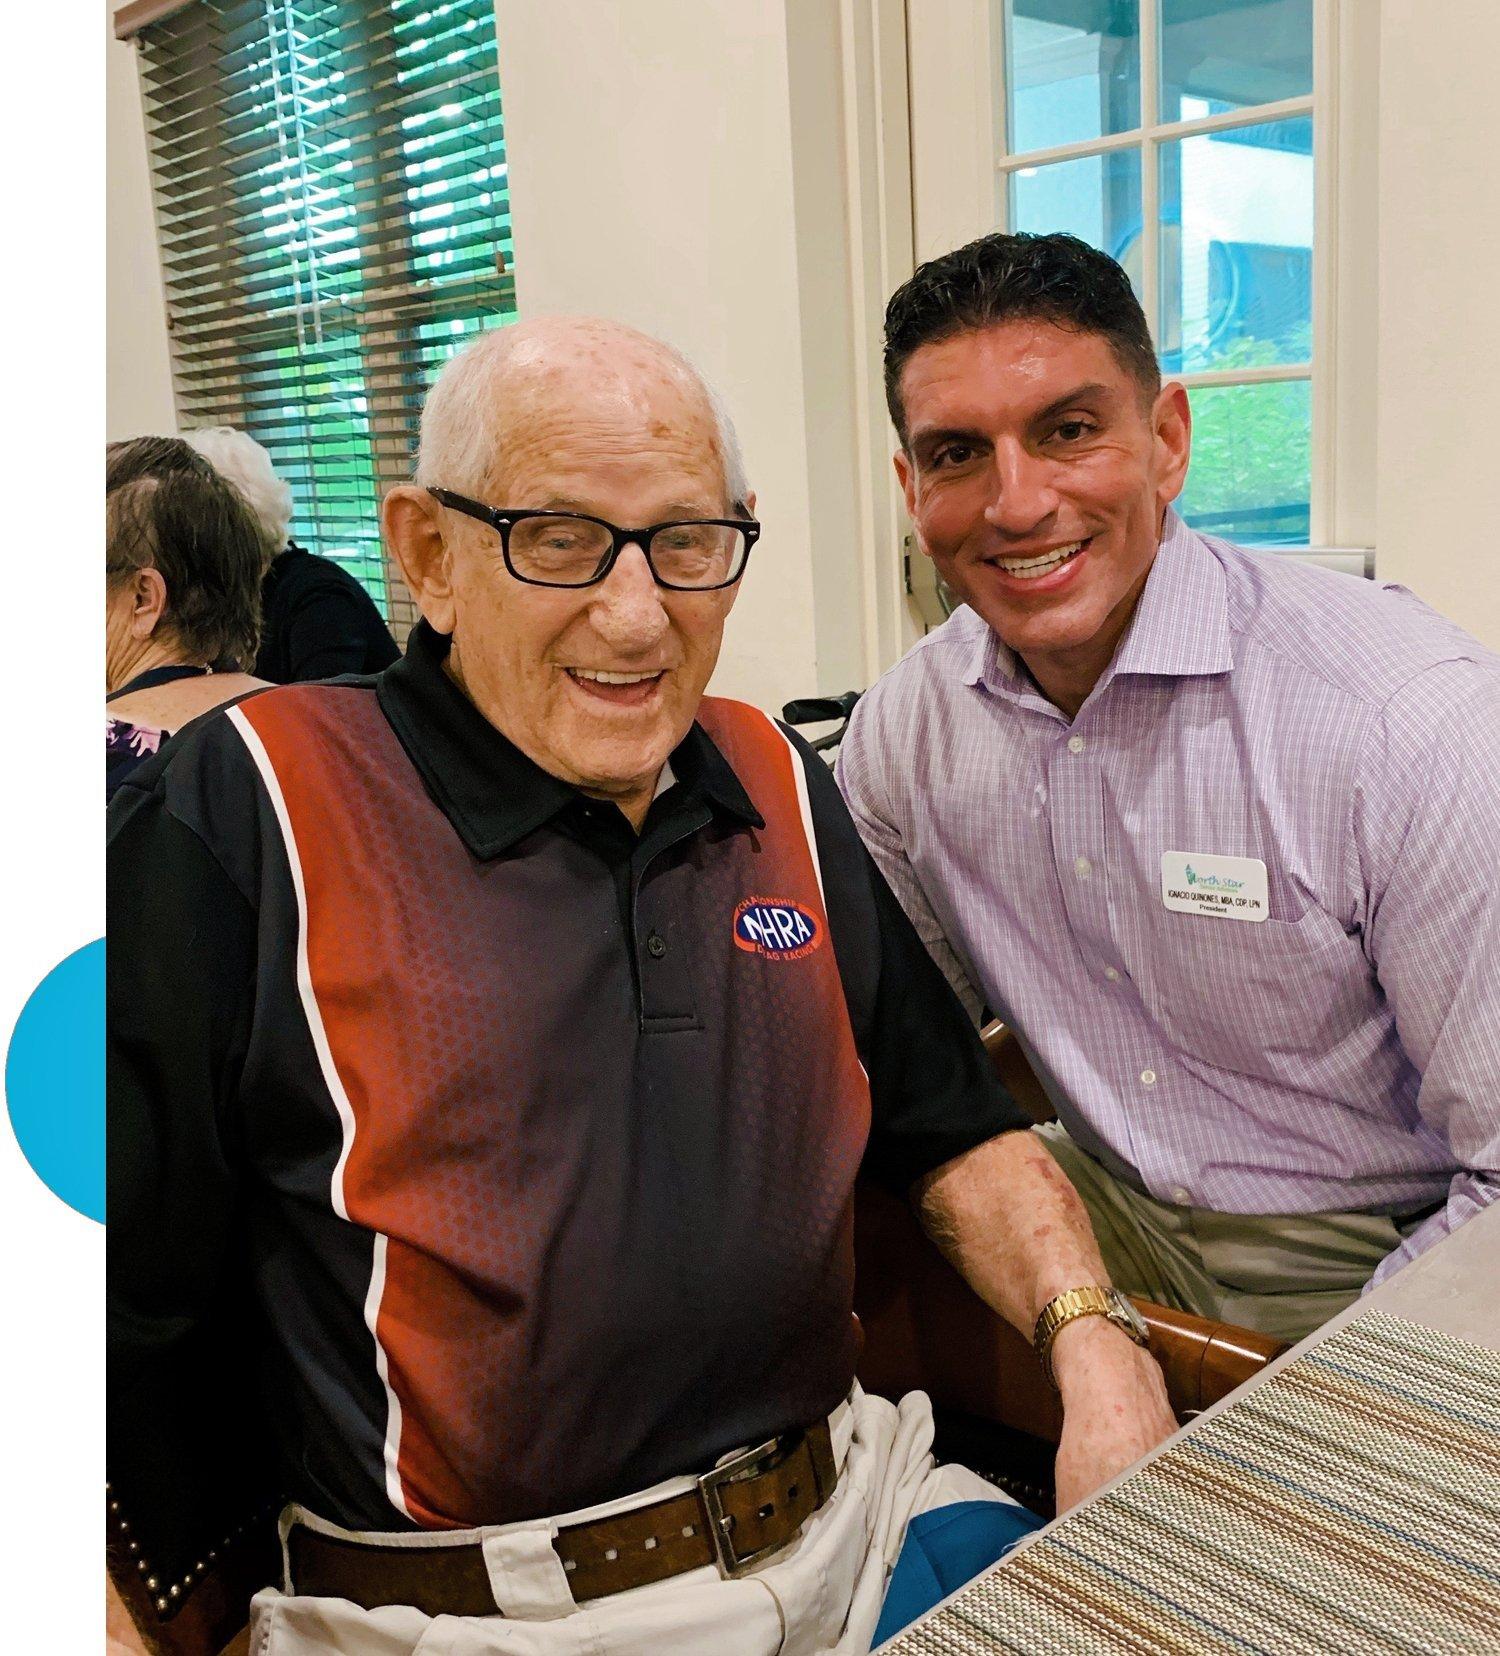 Ignacio with geriatric care client and blue semi circle